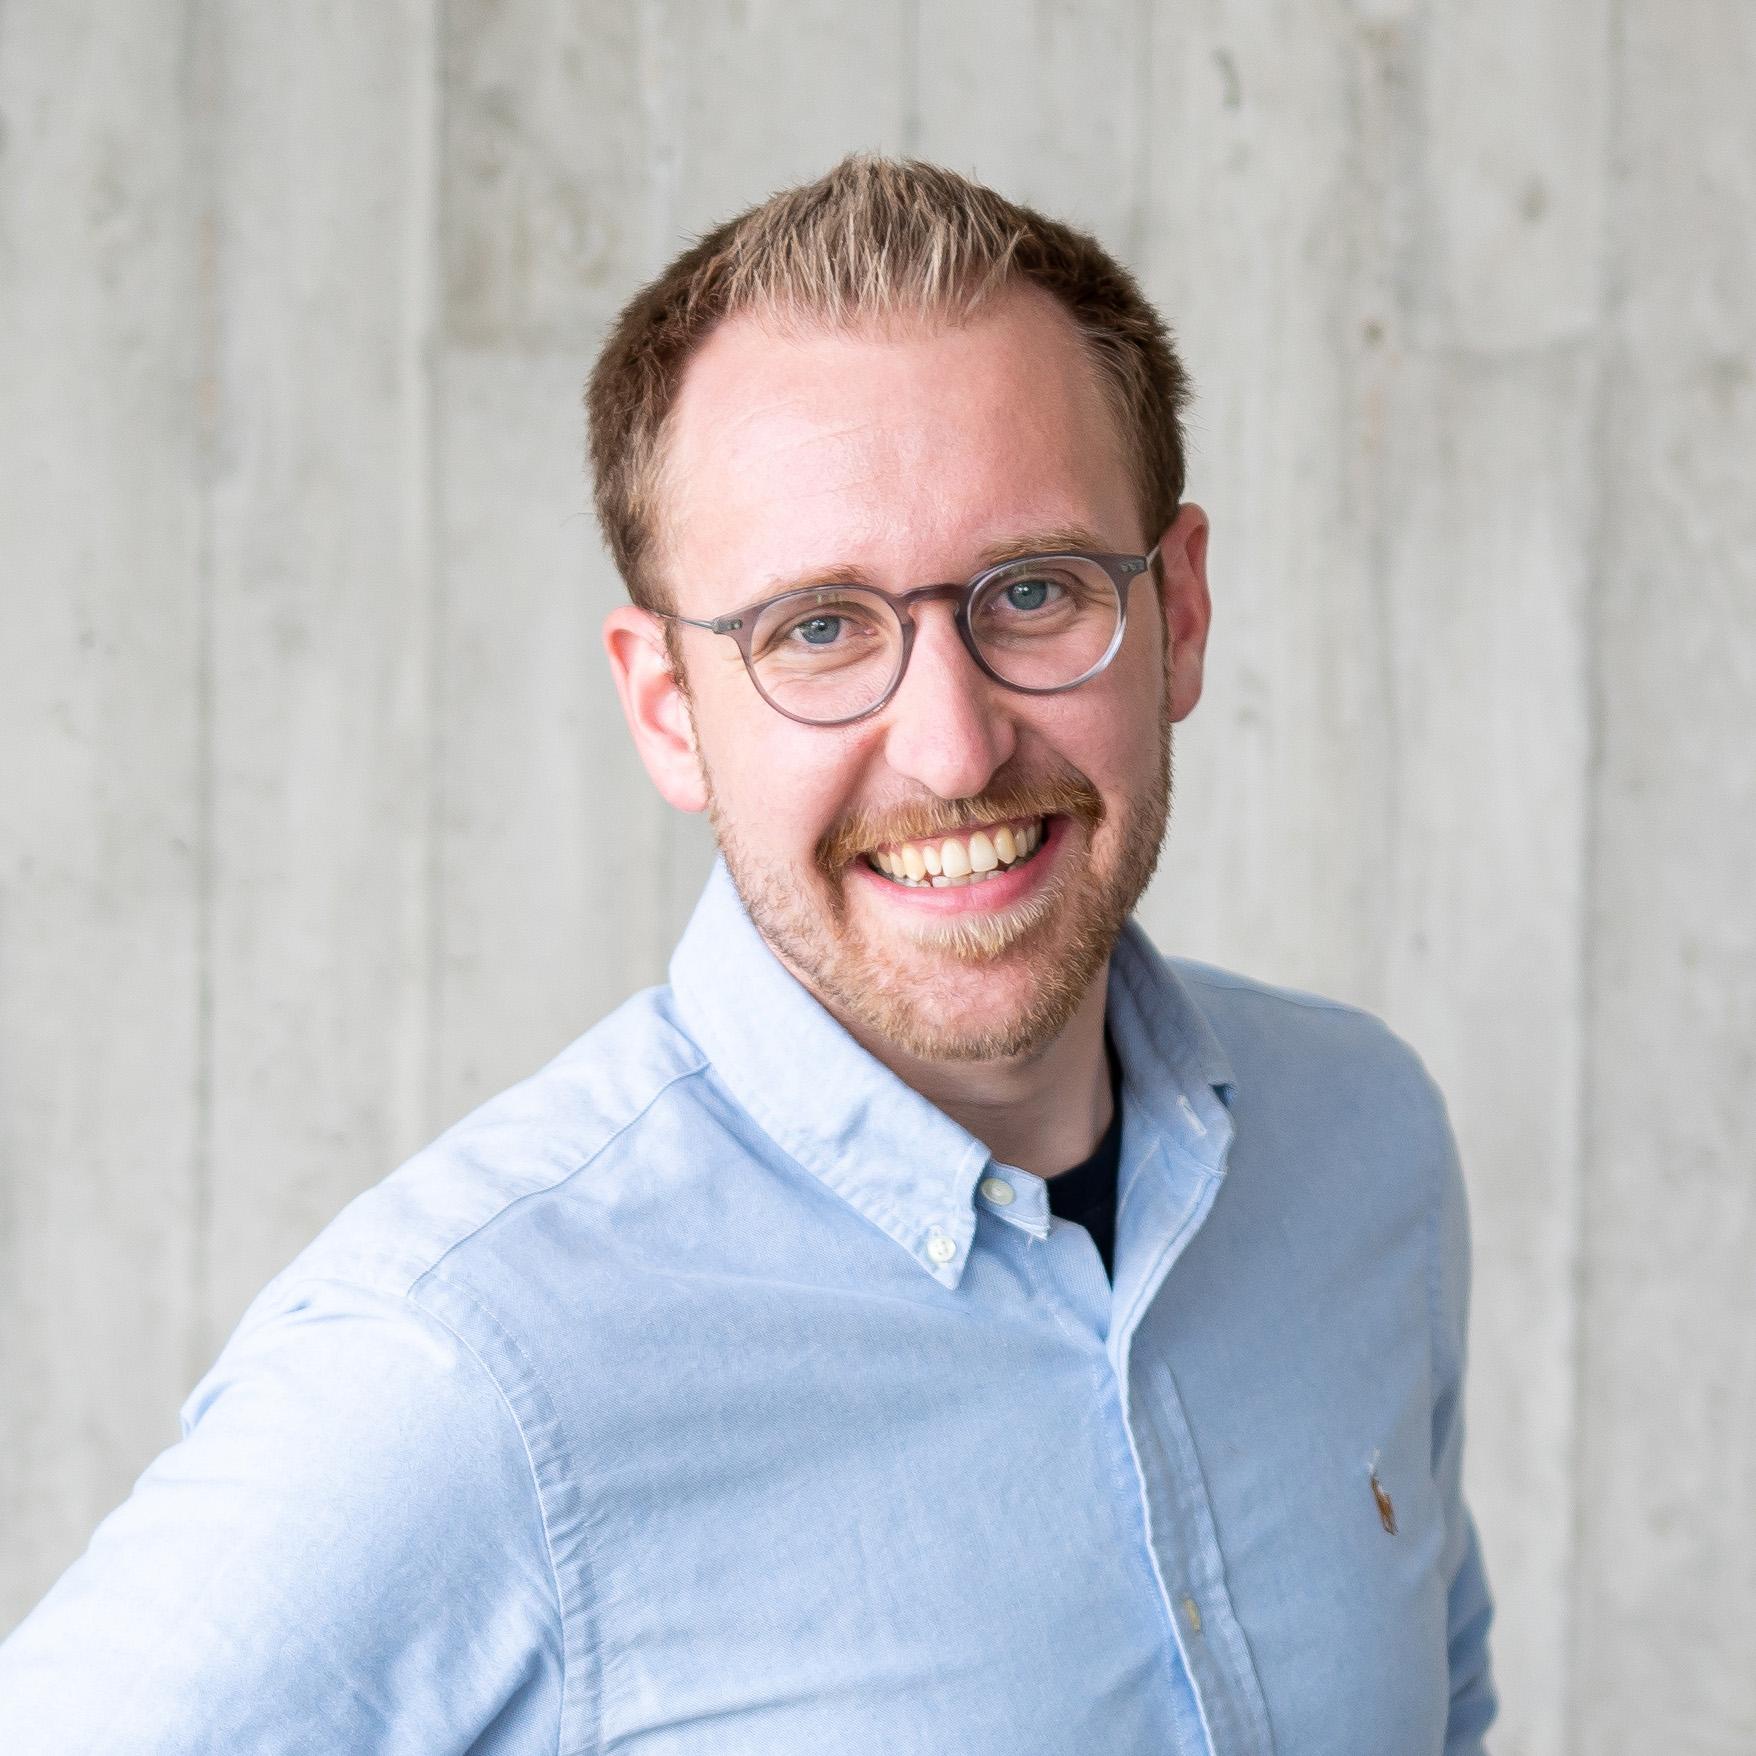 Hendrik Siemes